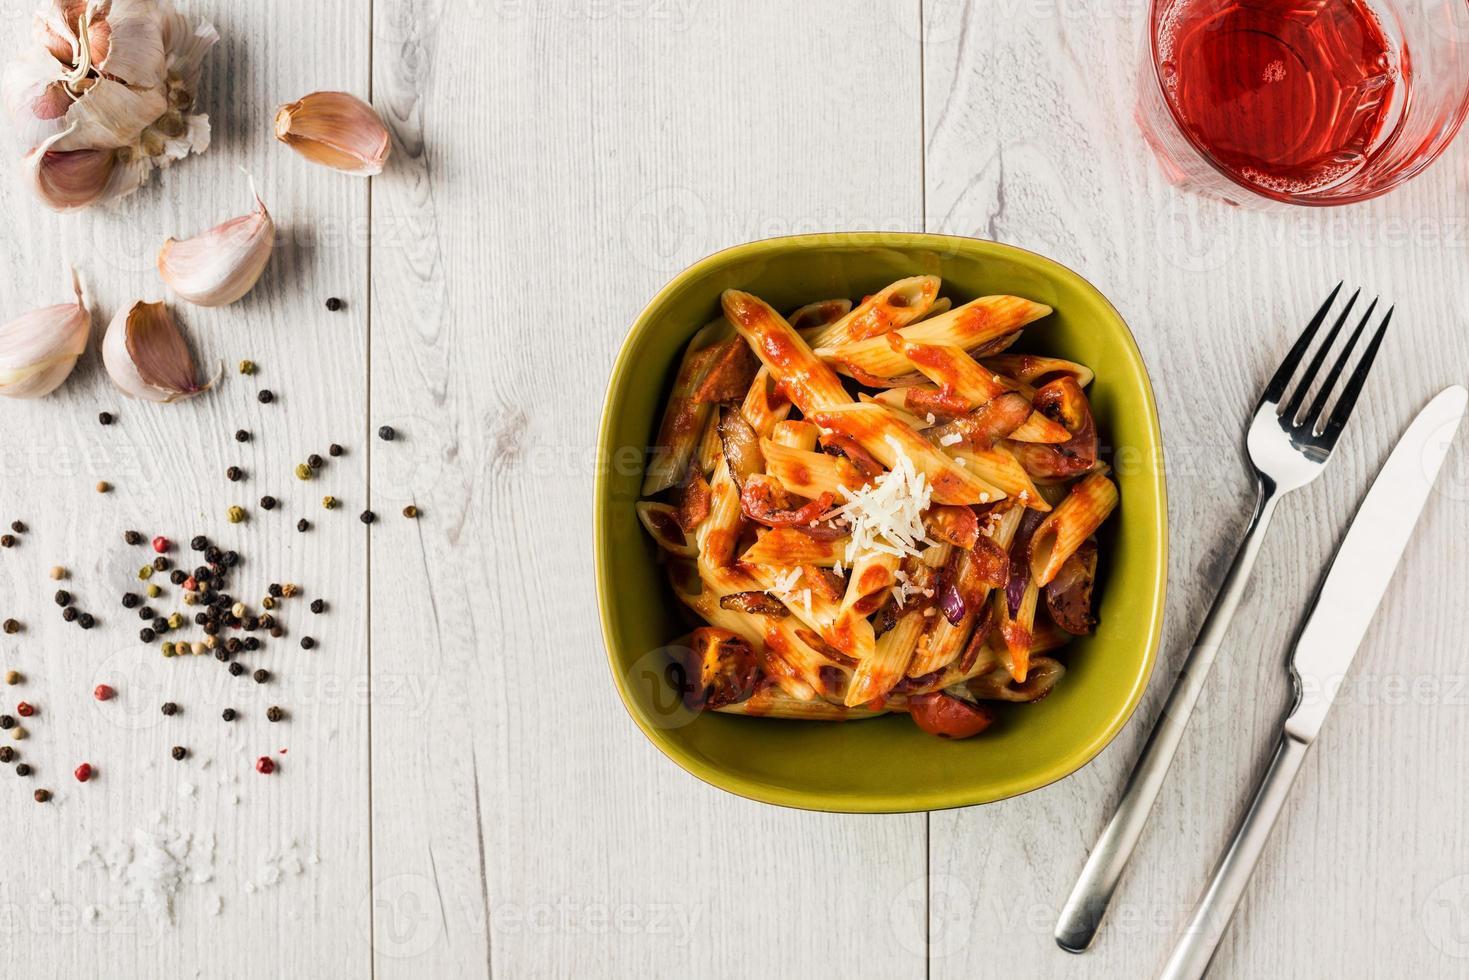 pasta penne con salsa cremosa de tomate y chorizo foto